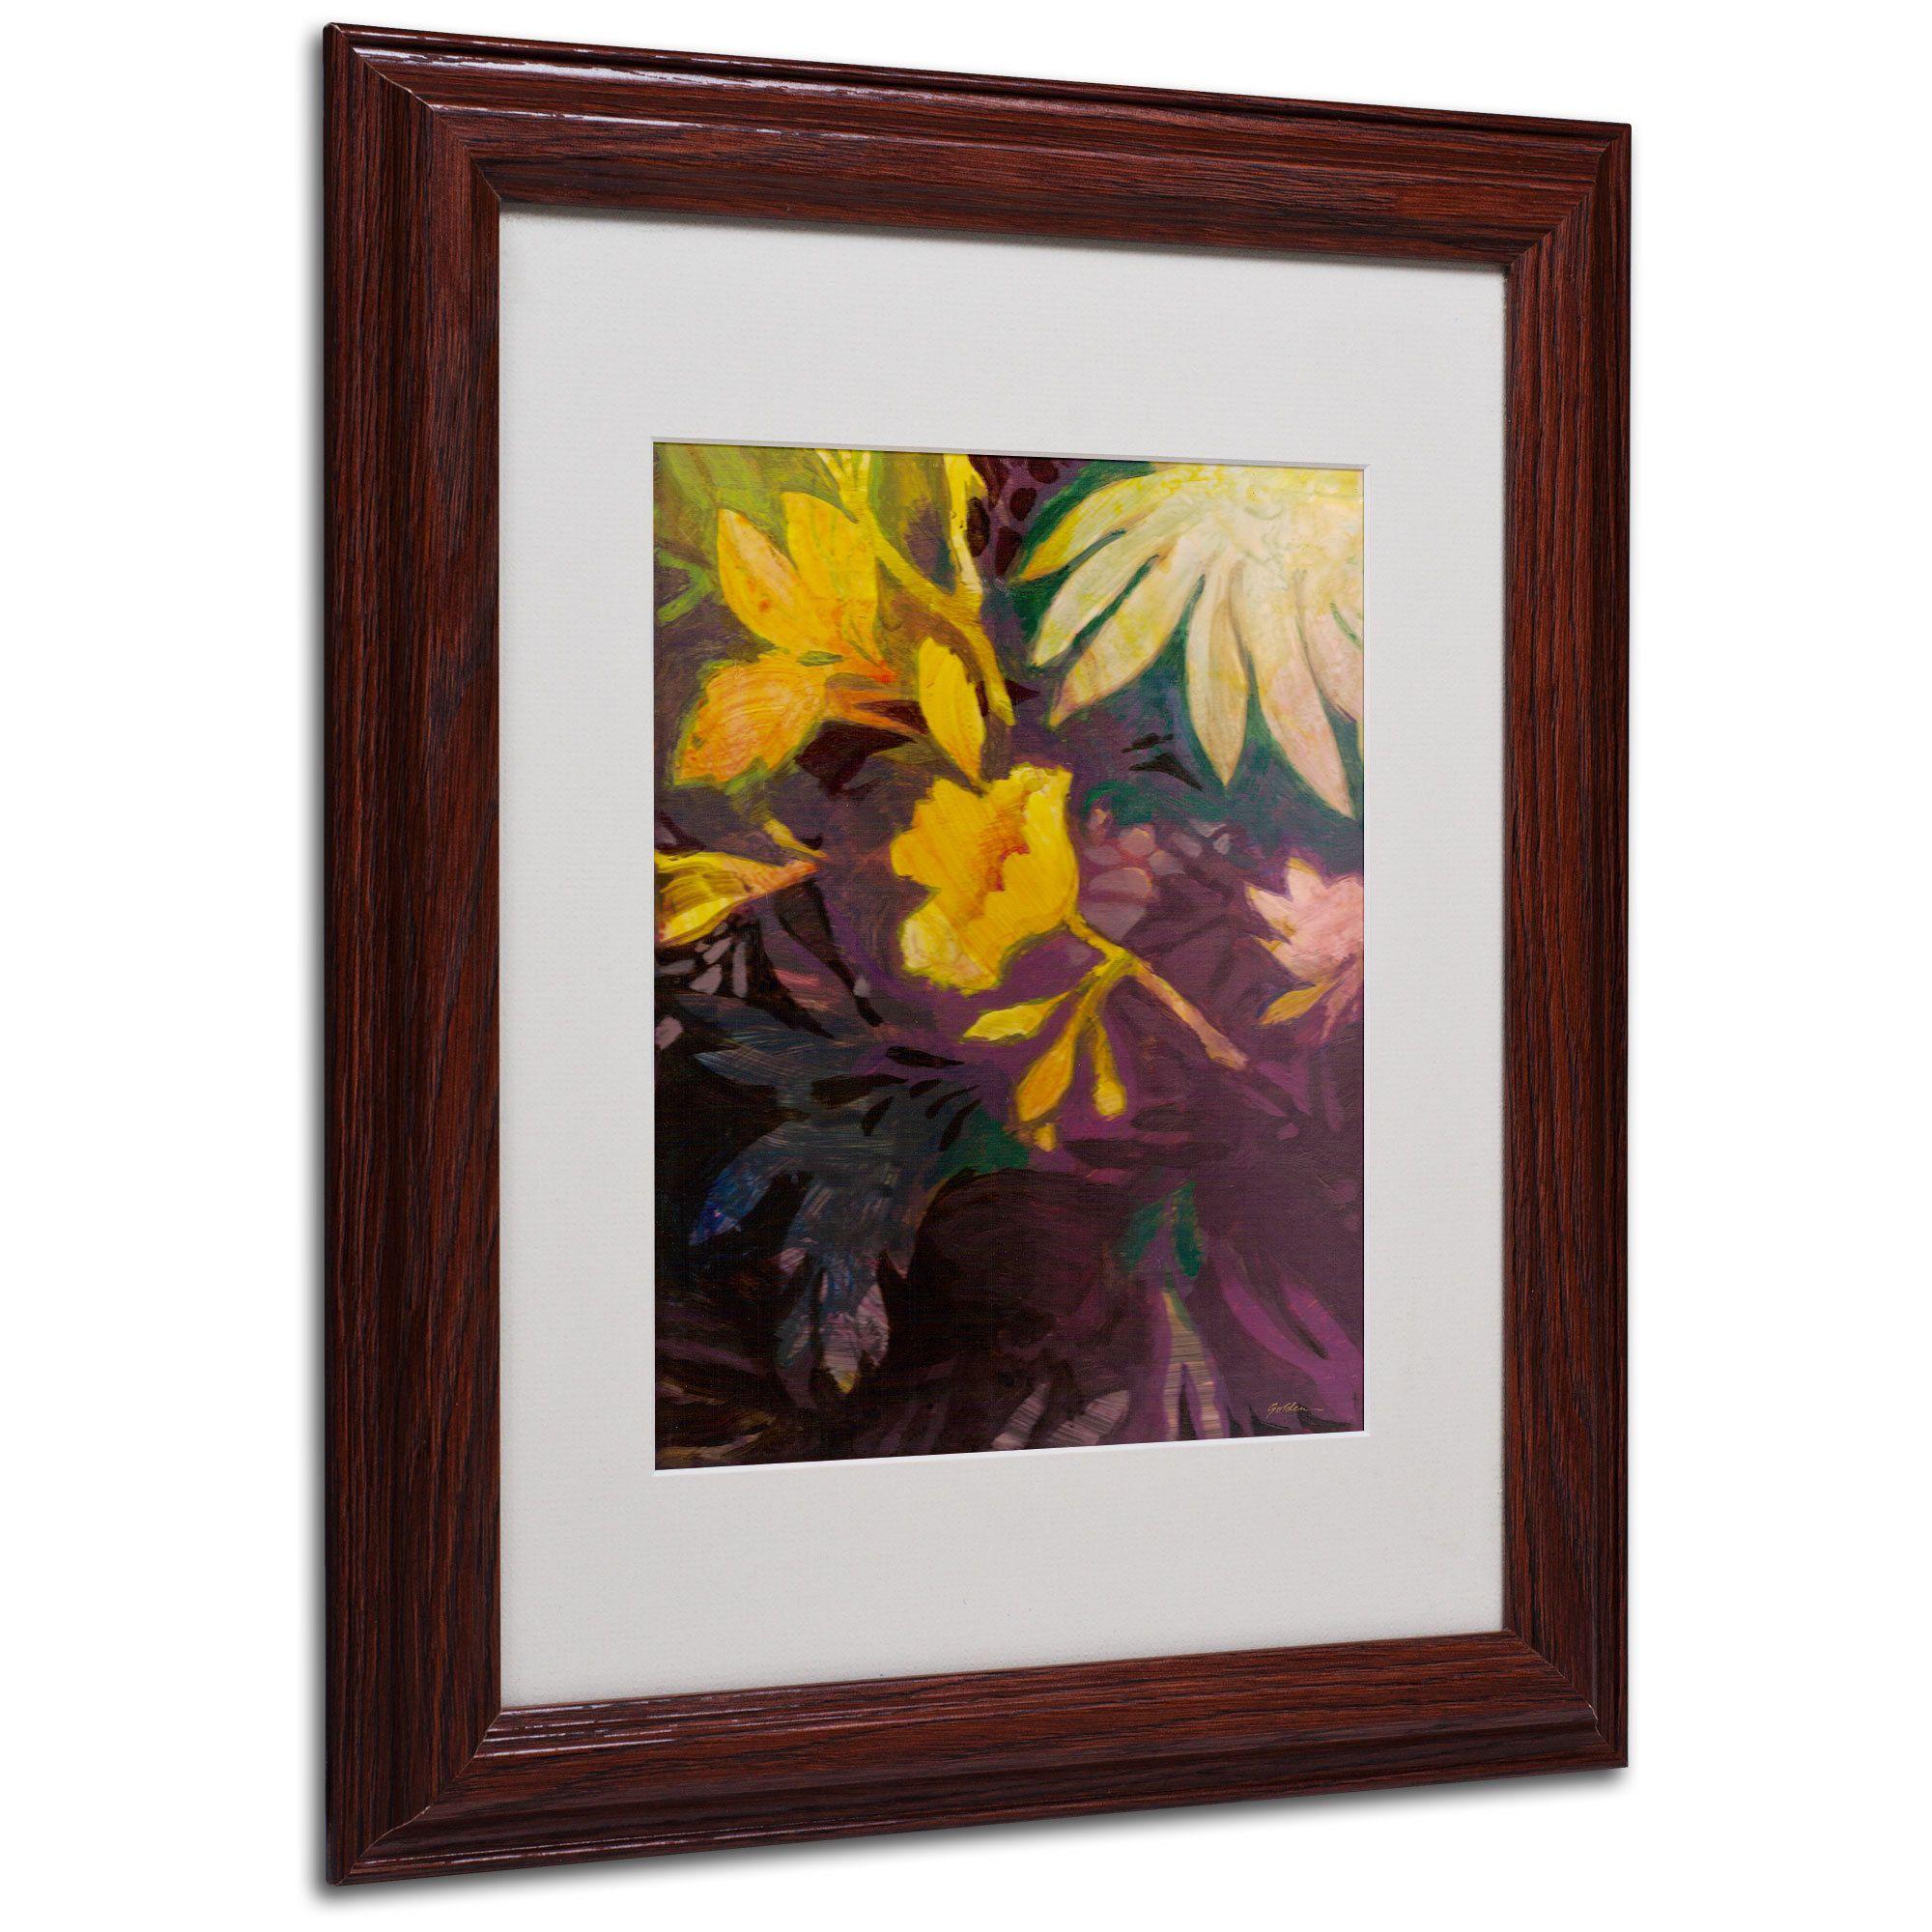 Sheila Golden 'Tropical Evening' Matte, Wood Framed Wall Art